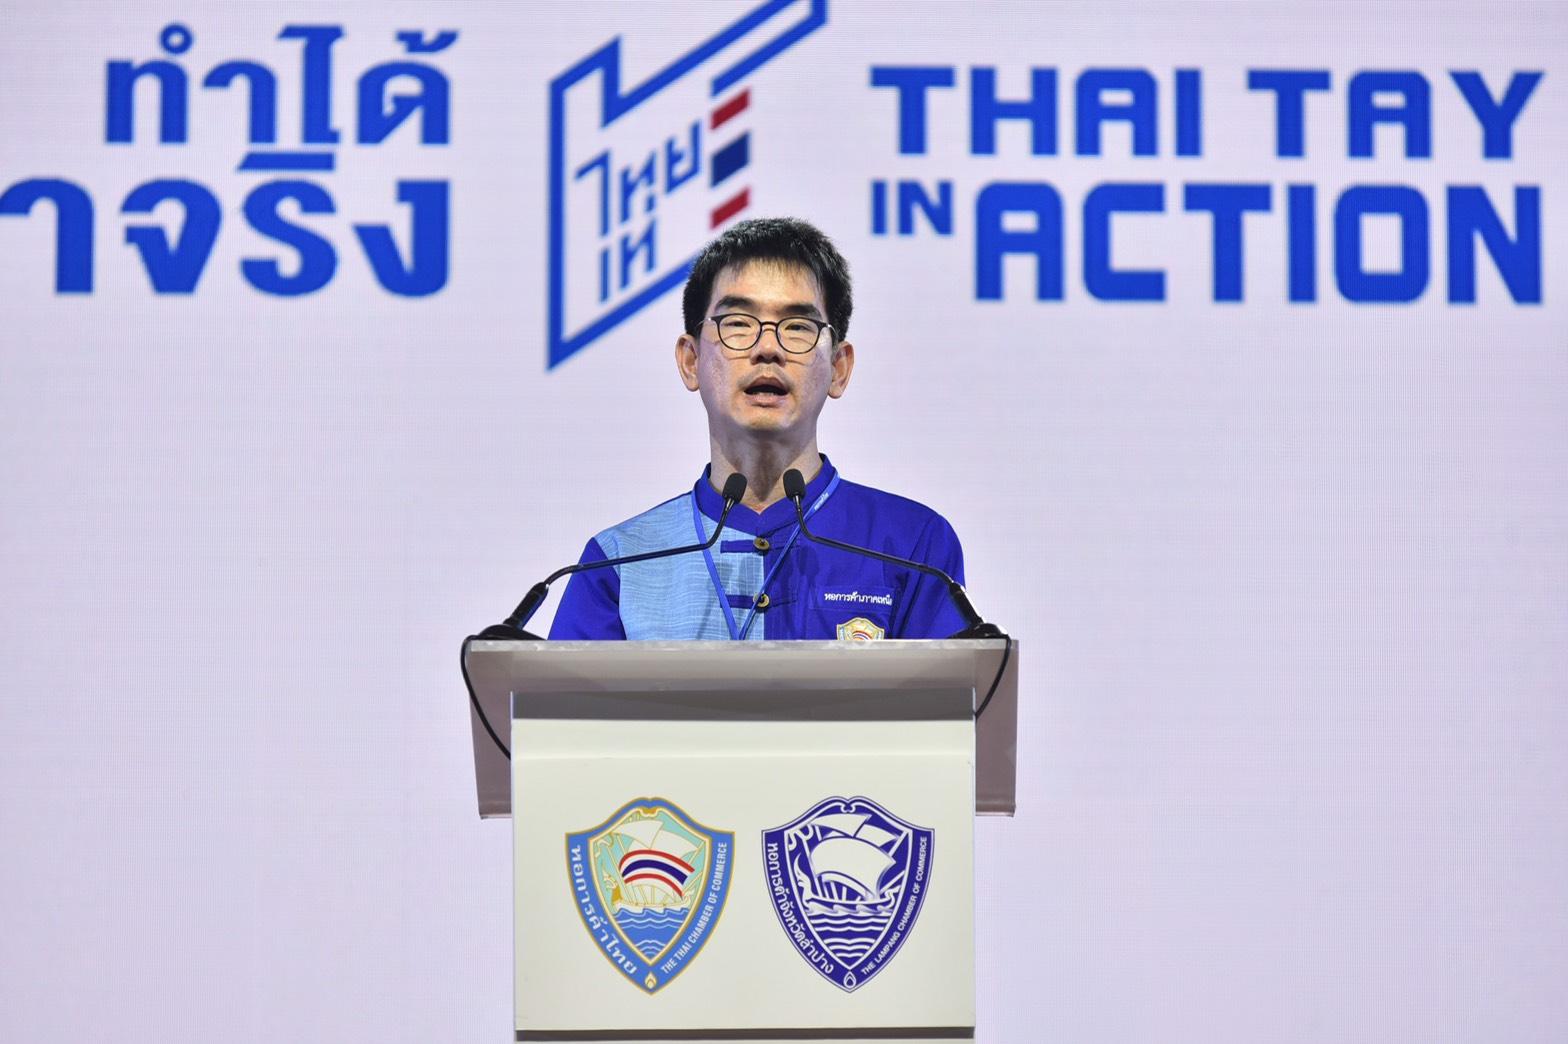 """หอการค้าไทยเปิดสัมมนาฯ """"THAITAY In ACTION: ไทยเท่ ทำได้ ทำจริง"""""""